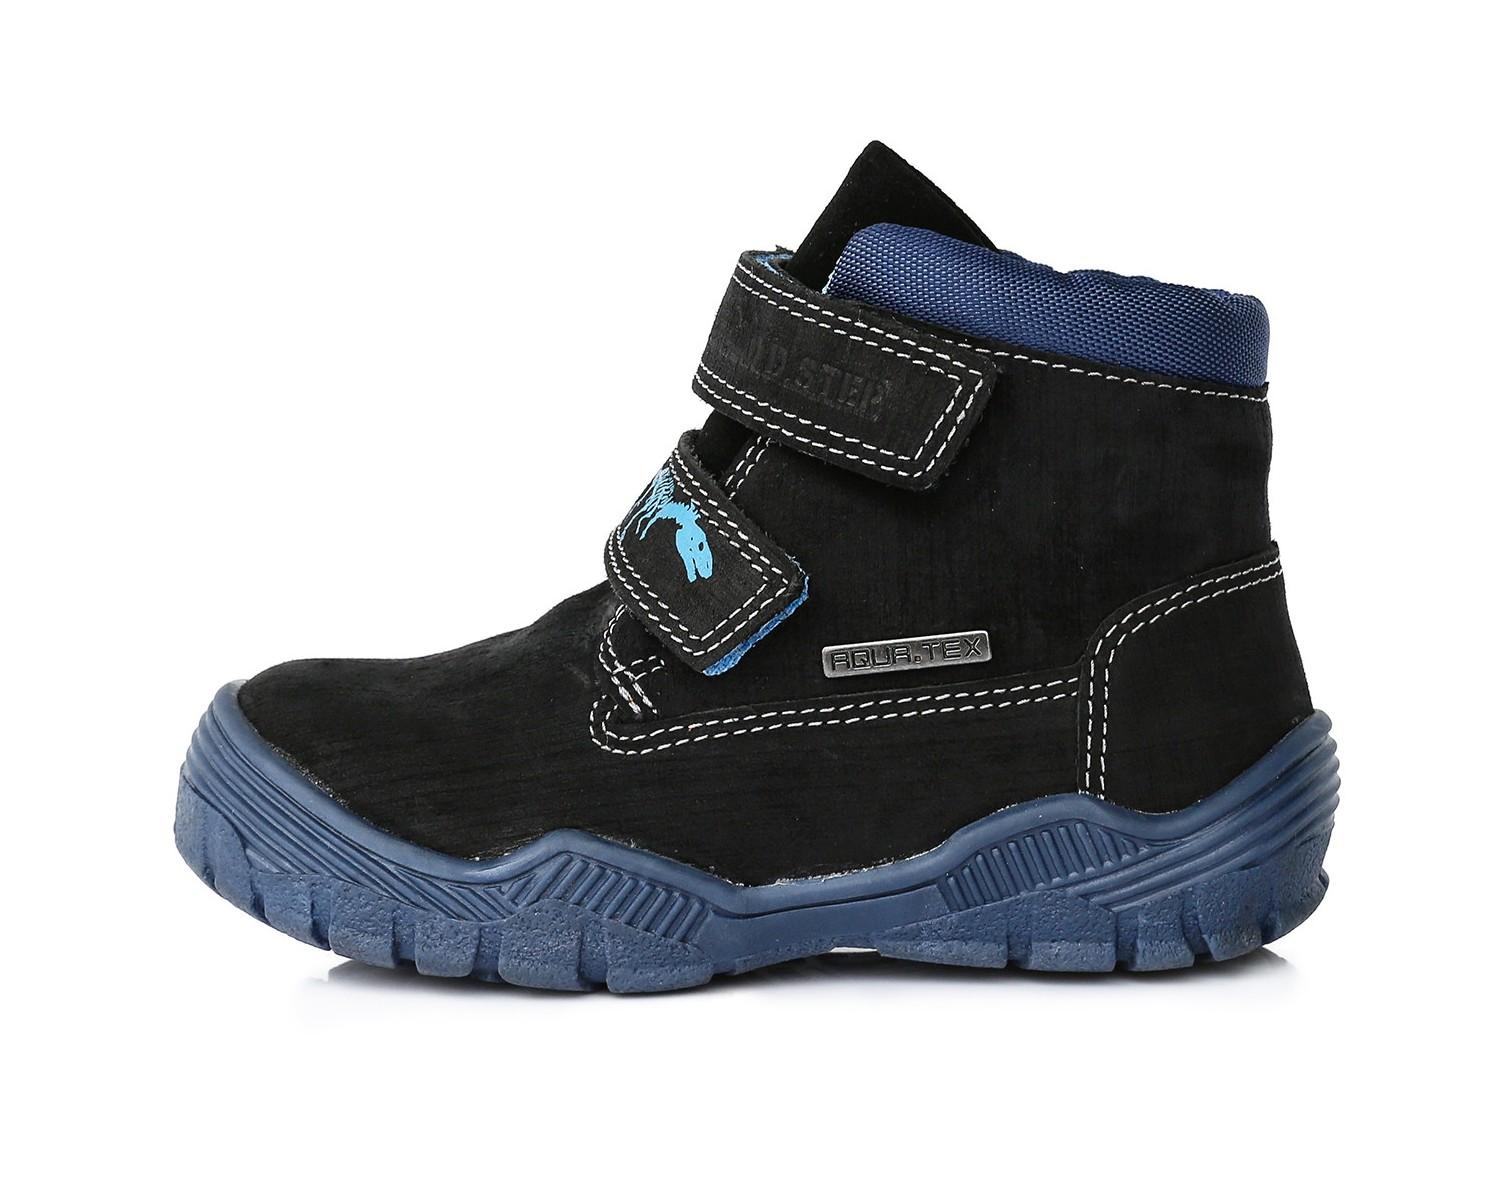 Celoroční boty D.D.STEP F651-912M černo-modré vel.25 empty dbf862e968